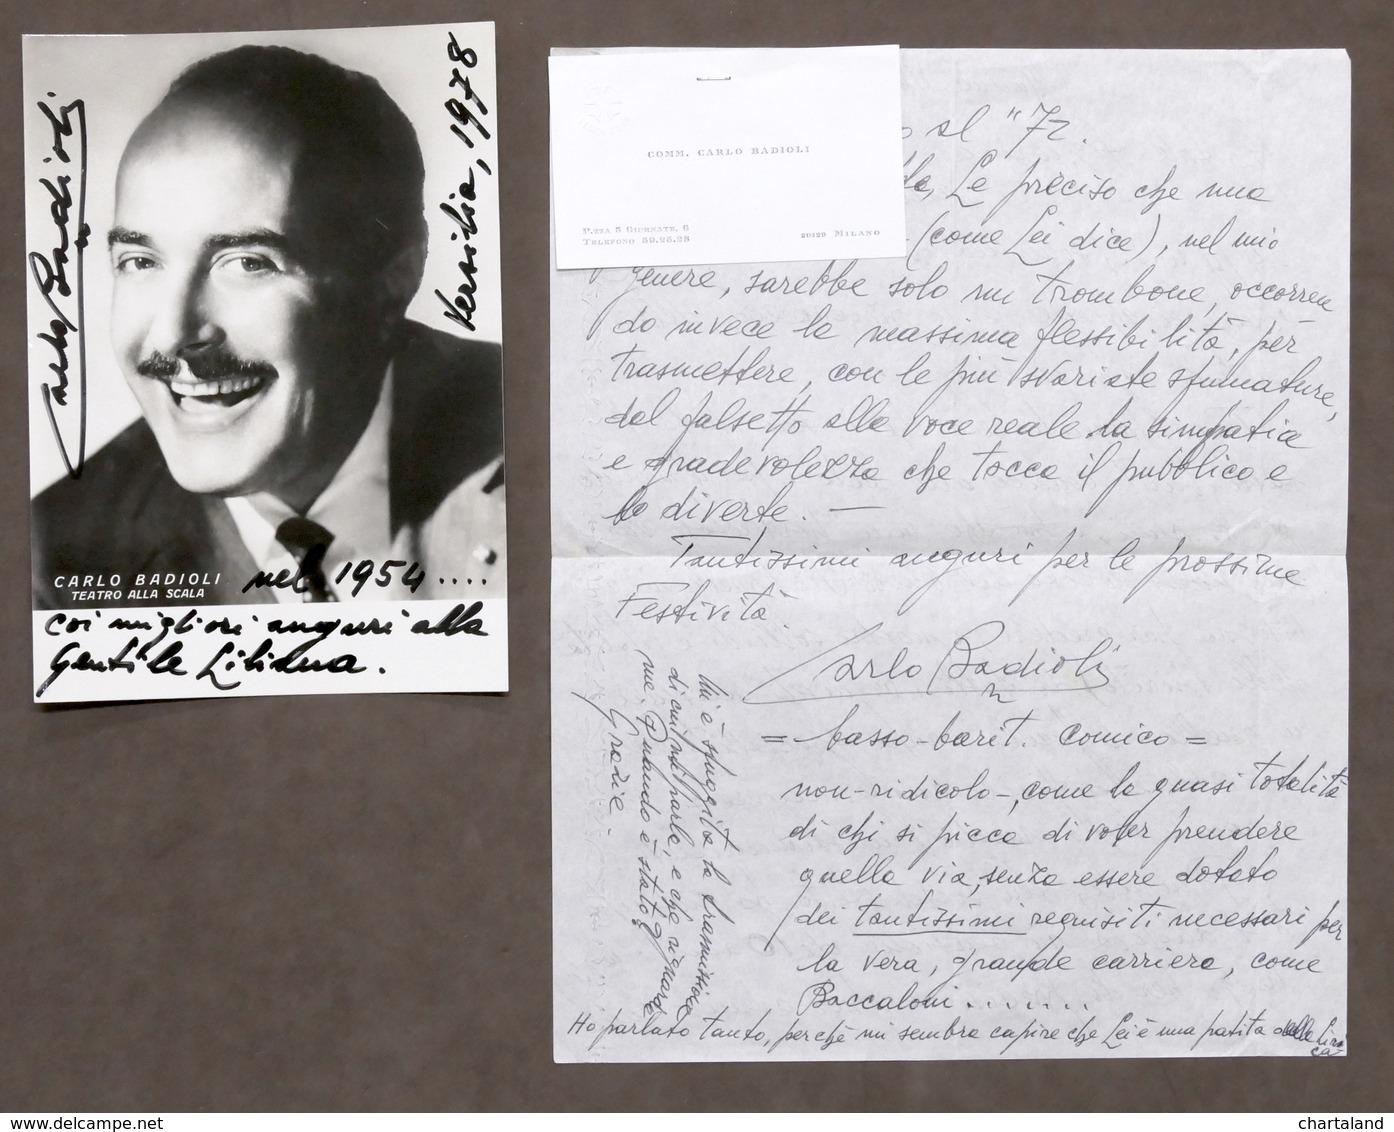 Musica Lirica - Lotto 2 Autografi Del Basso-baritono Carlo Badioli - 1978 - Autografi